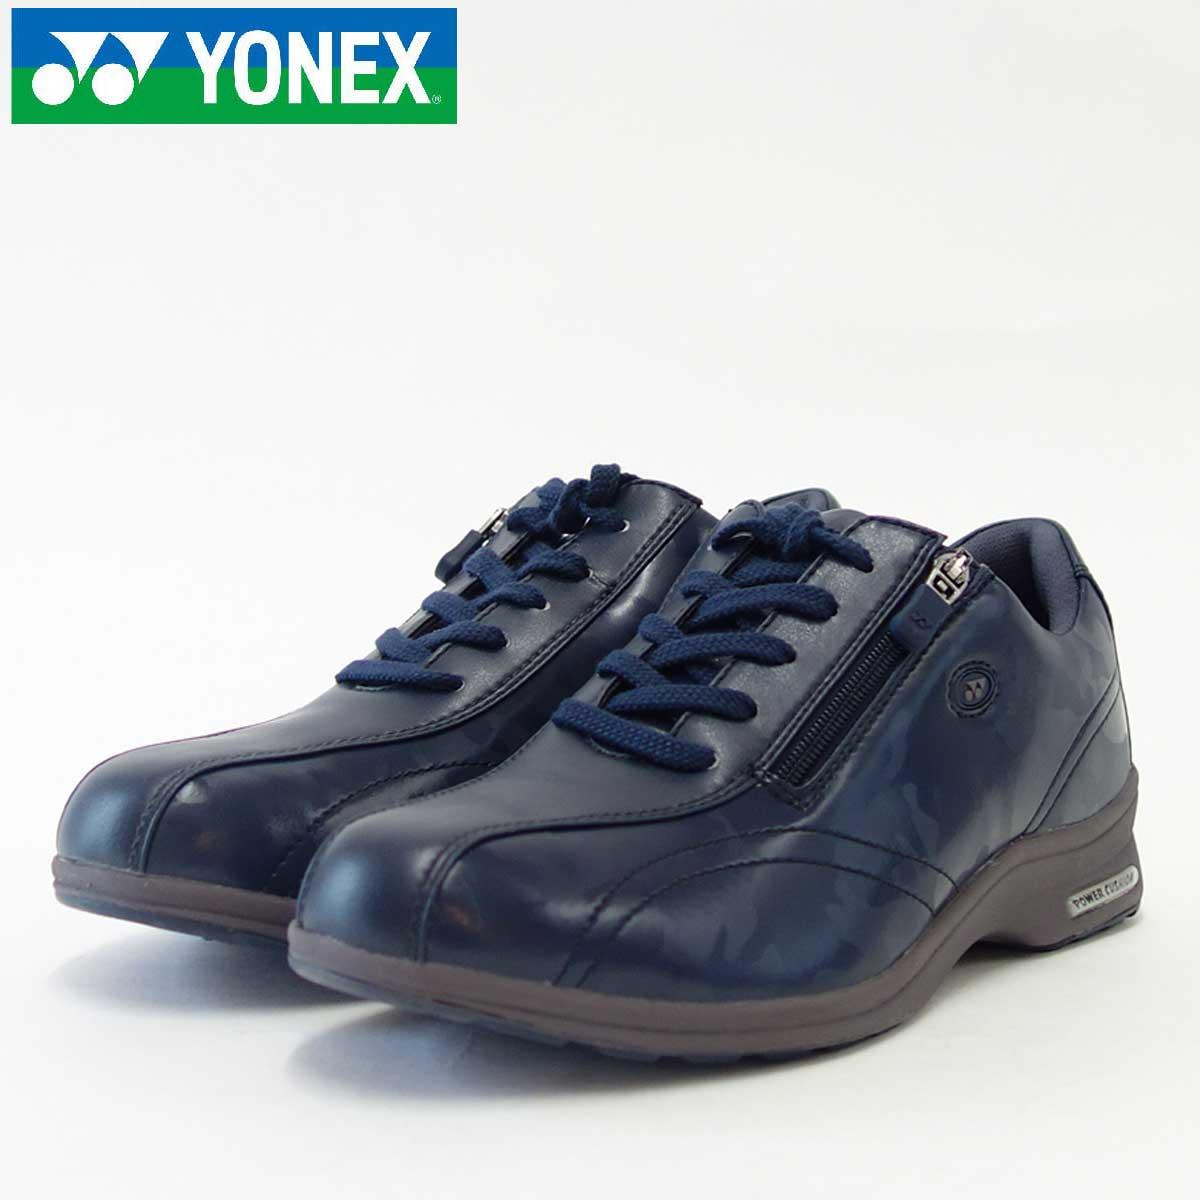 YONEX ヨネックス LC30 インディゴネイビー (レディース)軽い疲れにくいウォーキングシューズ「靴」